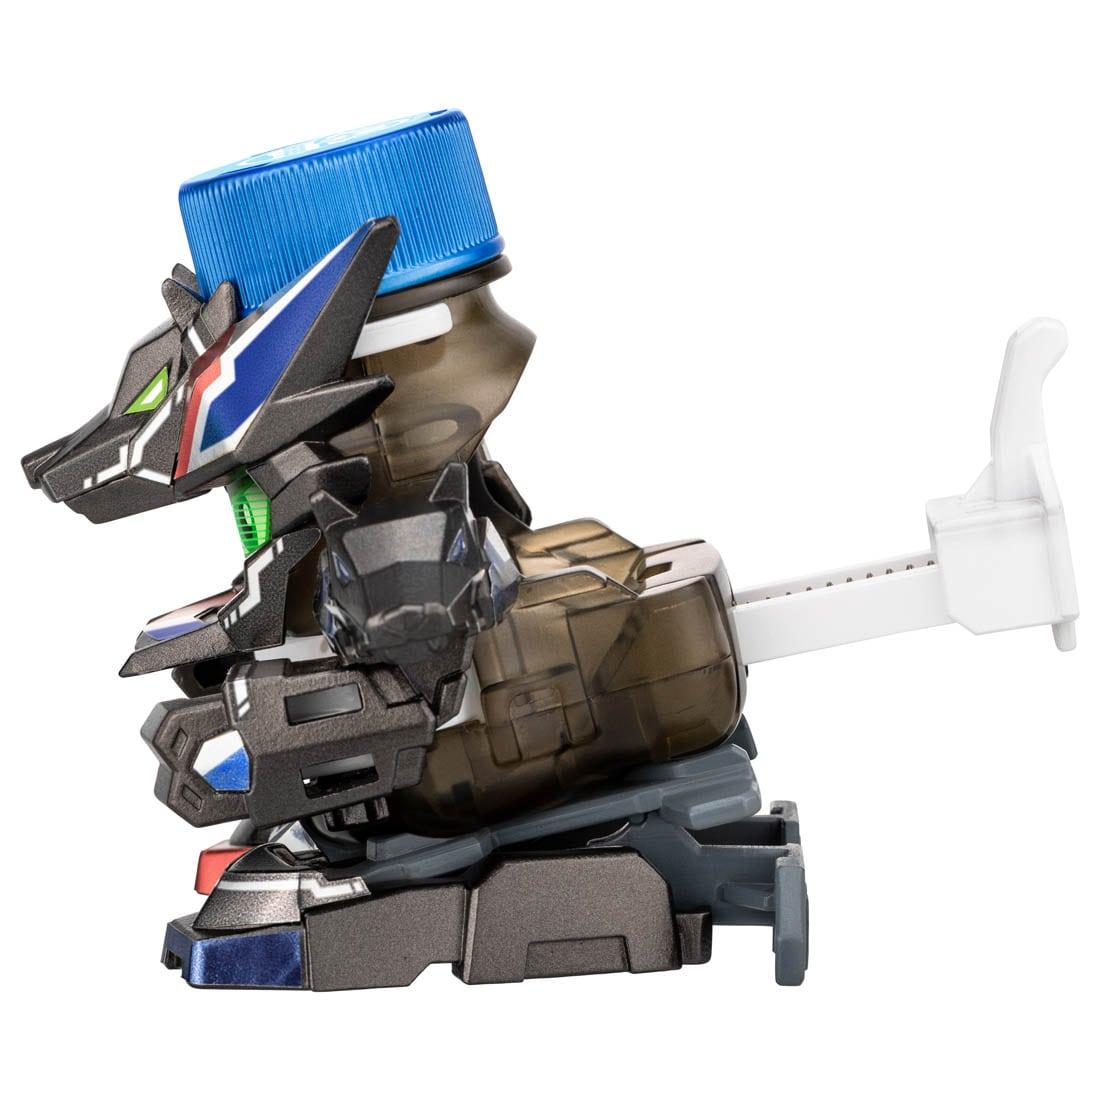 キャップ革命 ボトルマン『BOT-20 ケルペプス』おもちゃ-006